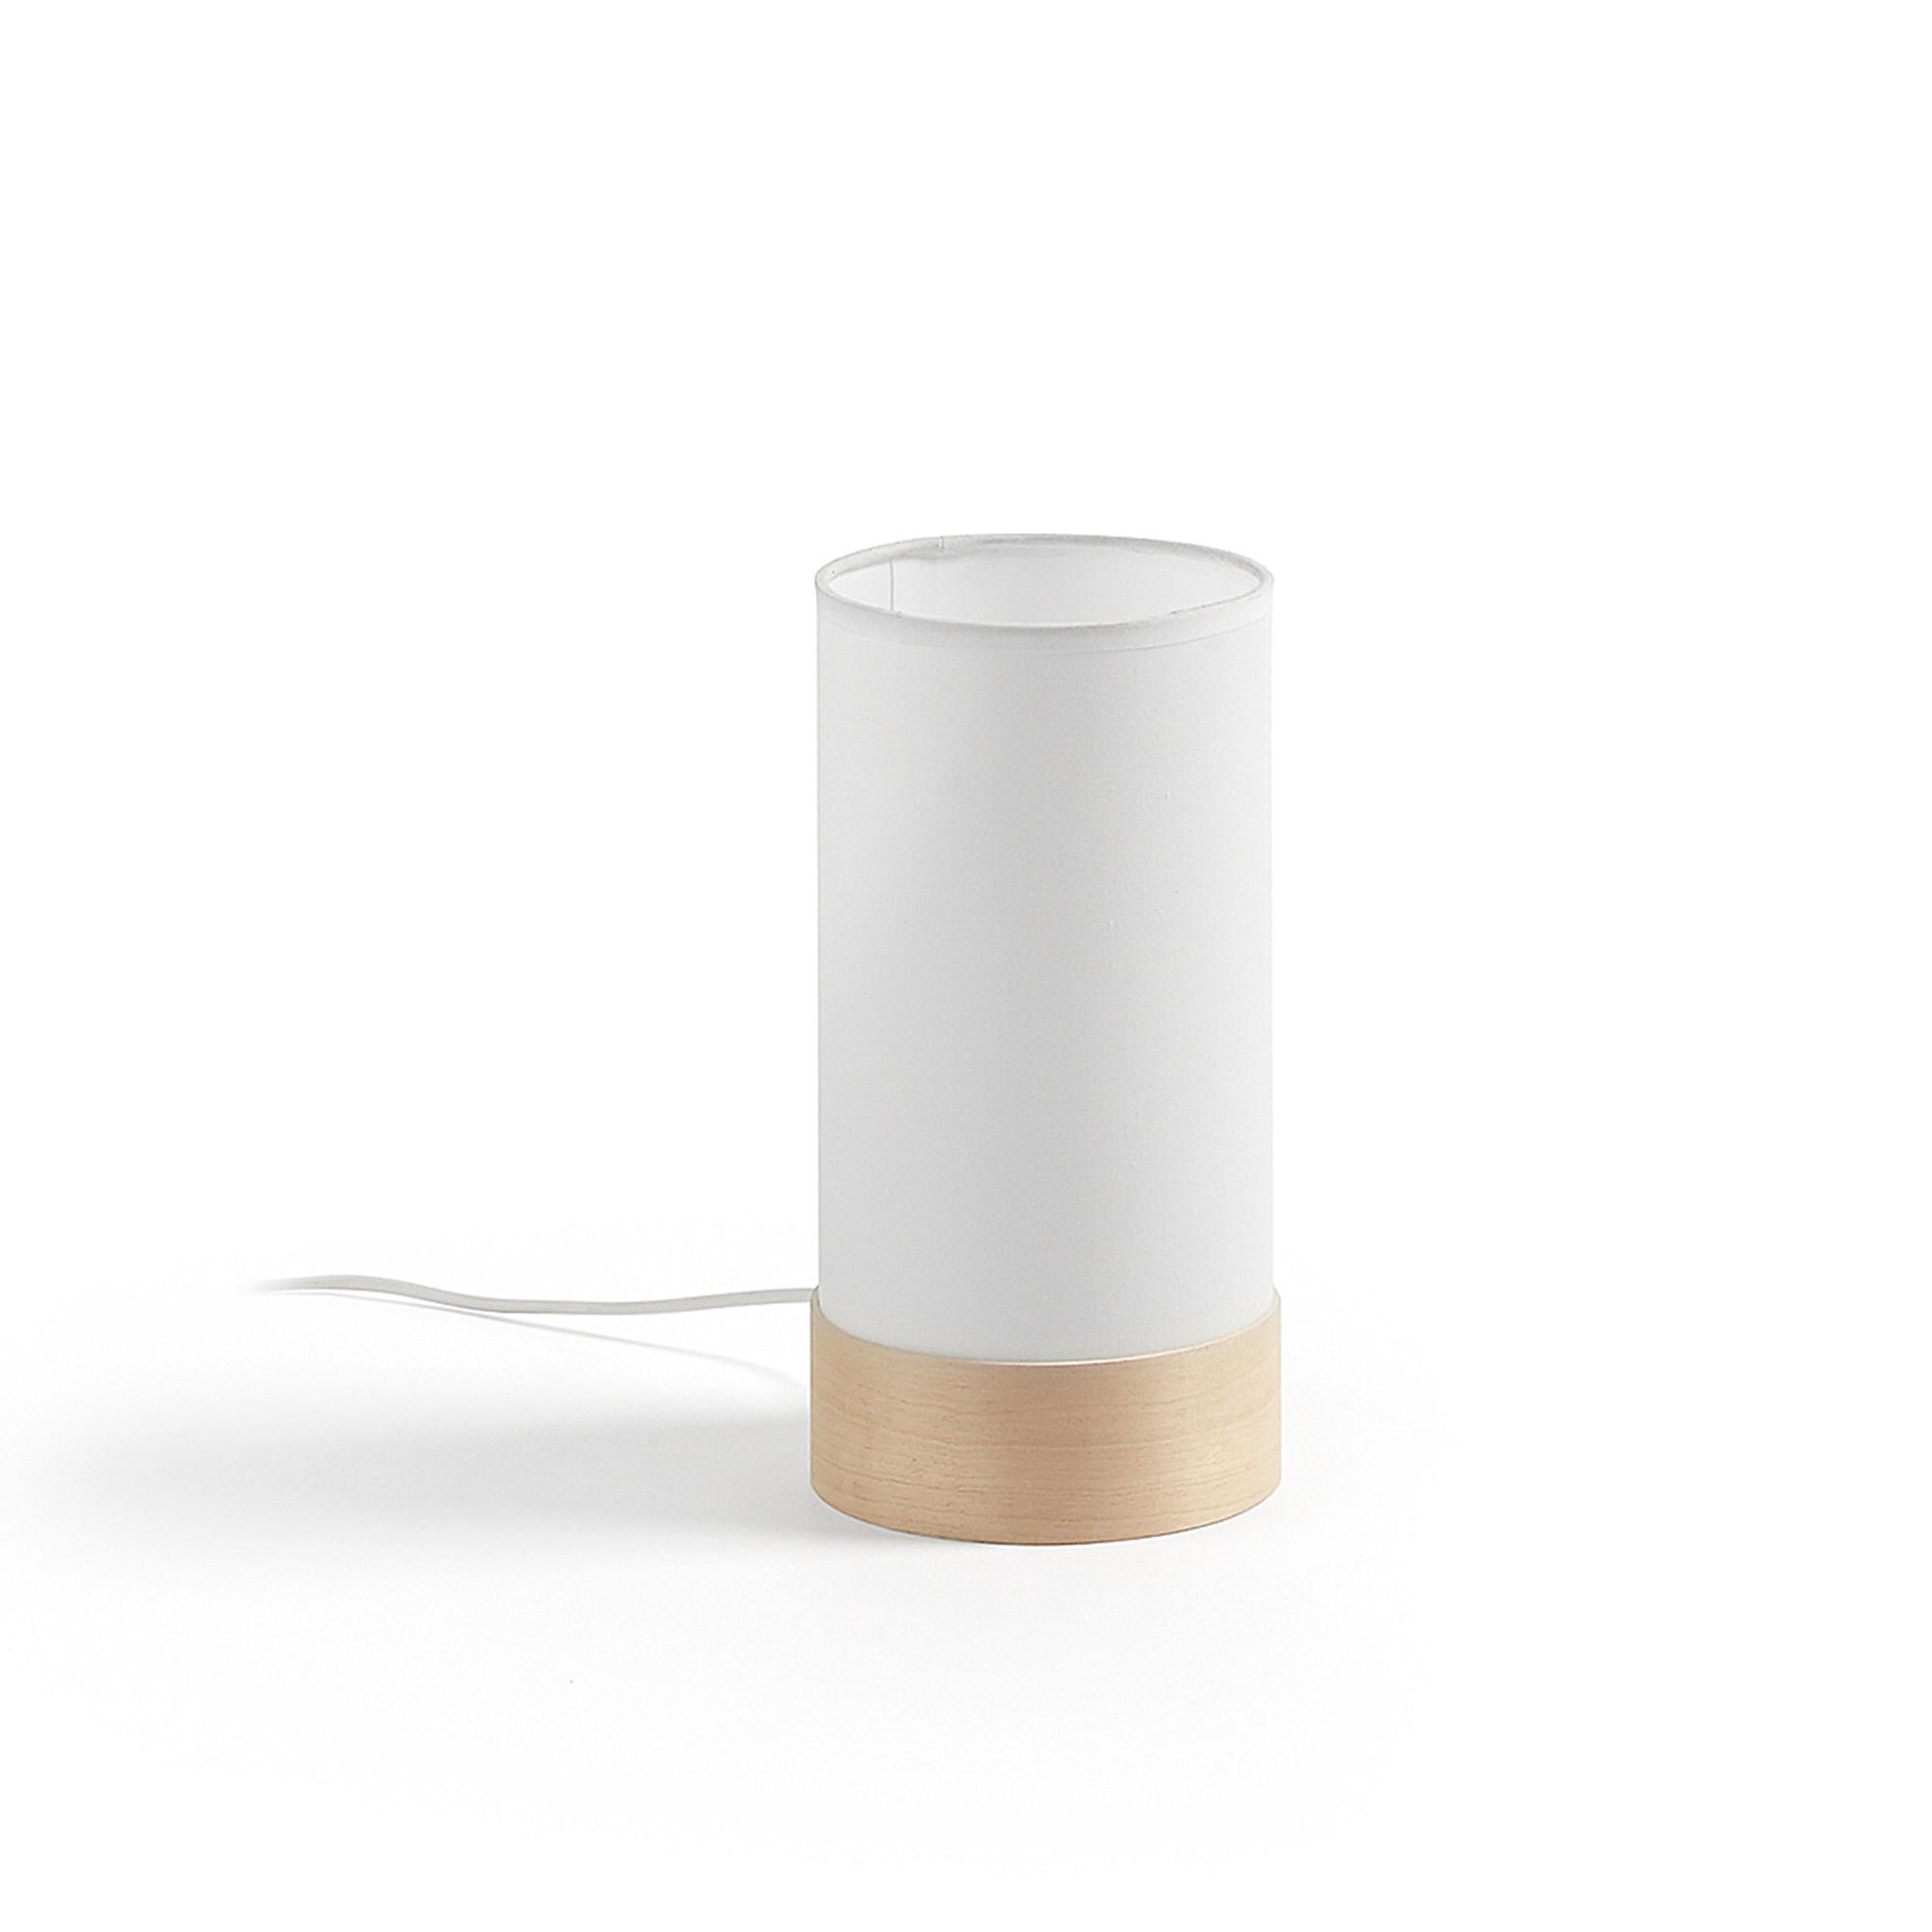 Kave Home - Slat Tischlampe   Lampen > Tischleuchten > Beistelltischlampen   Kave Home